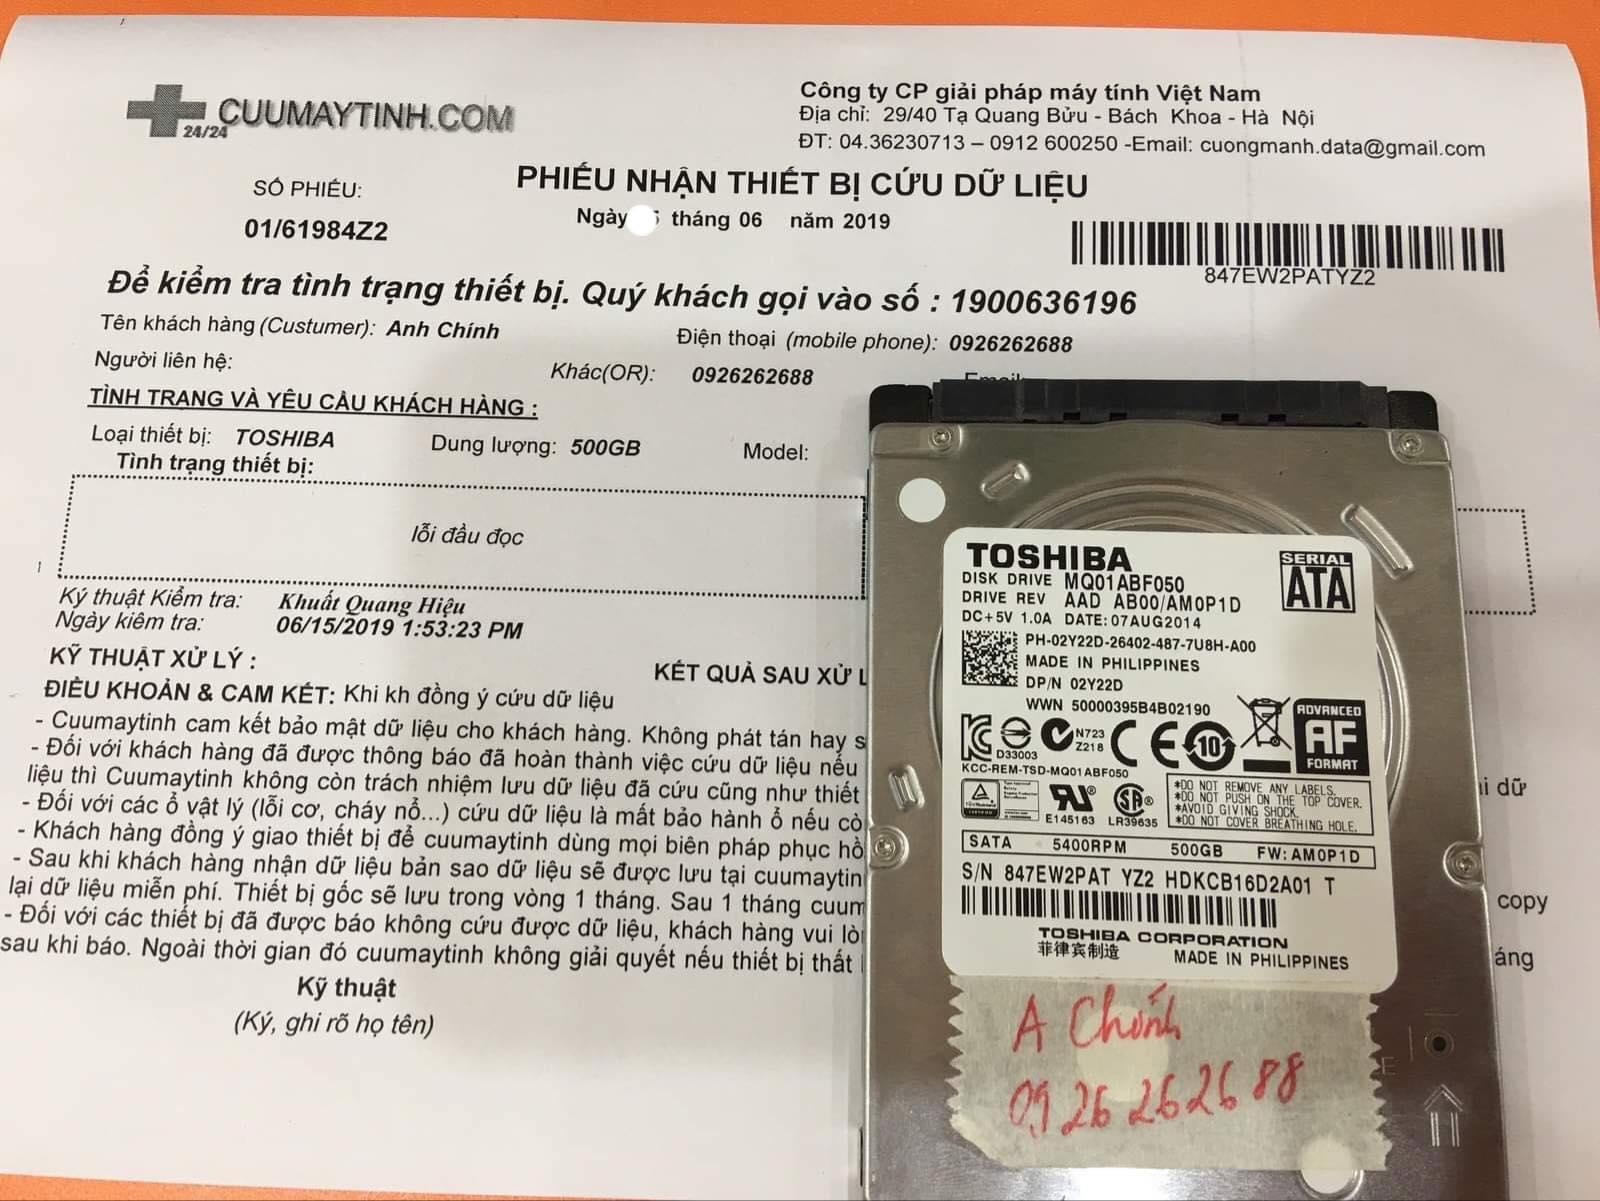 Khôi phục dữ liệu ổ cứng Toshiba 500GB lỗi đầu đọc 29/06/2019 - cuumaytinh